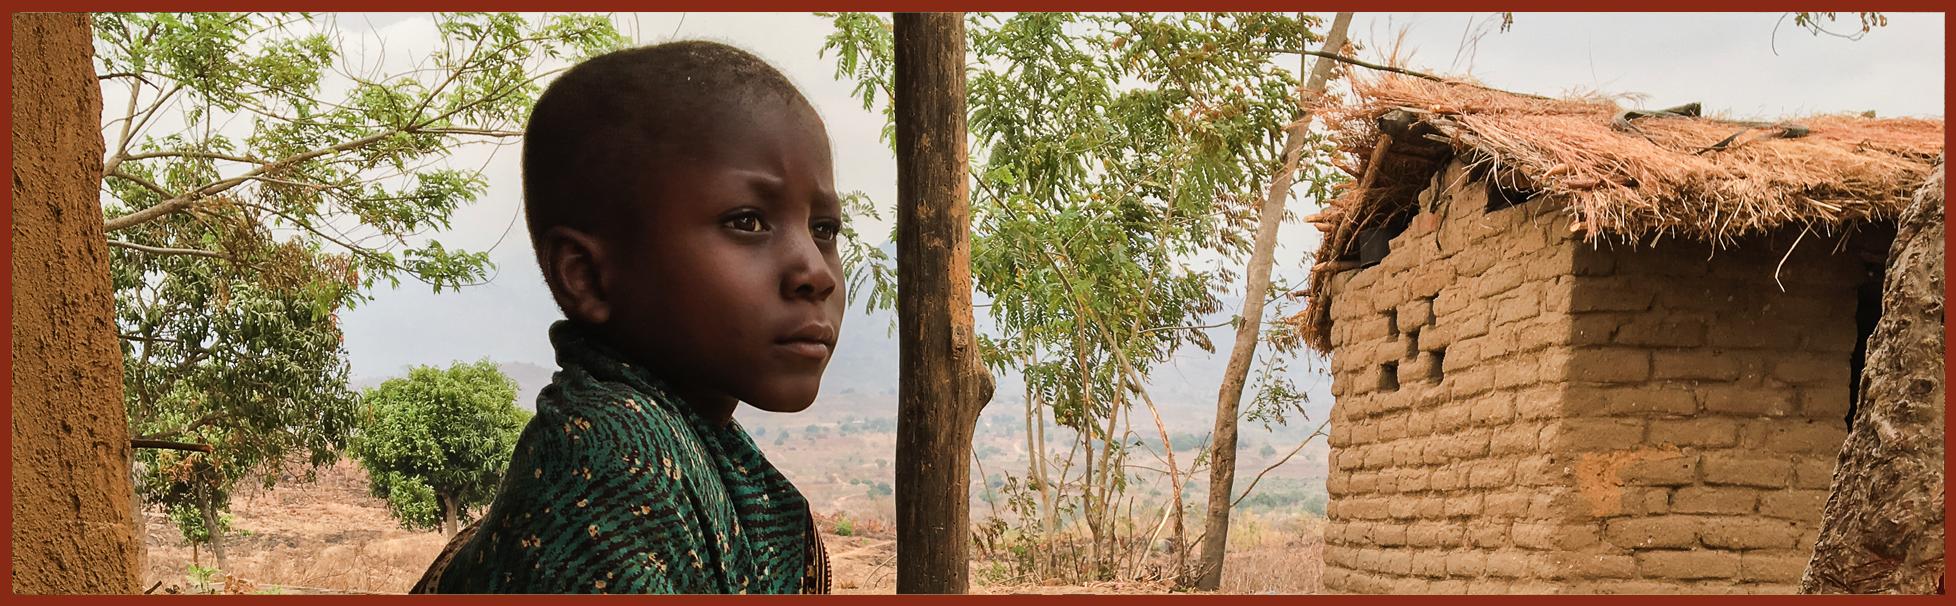 Malawi_02.png